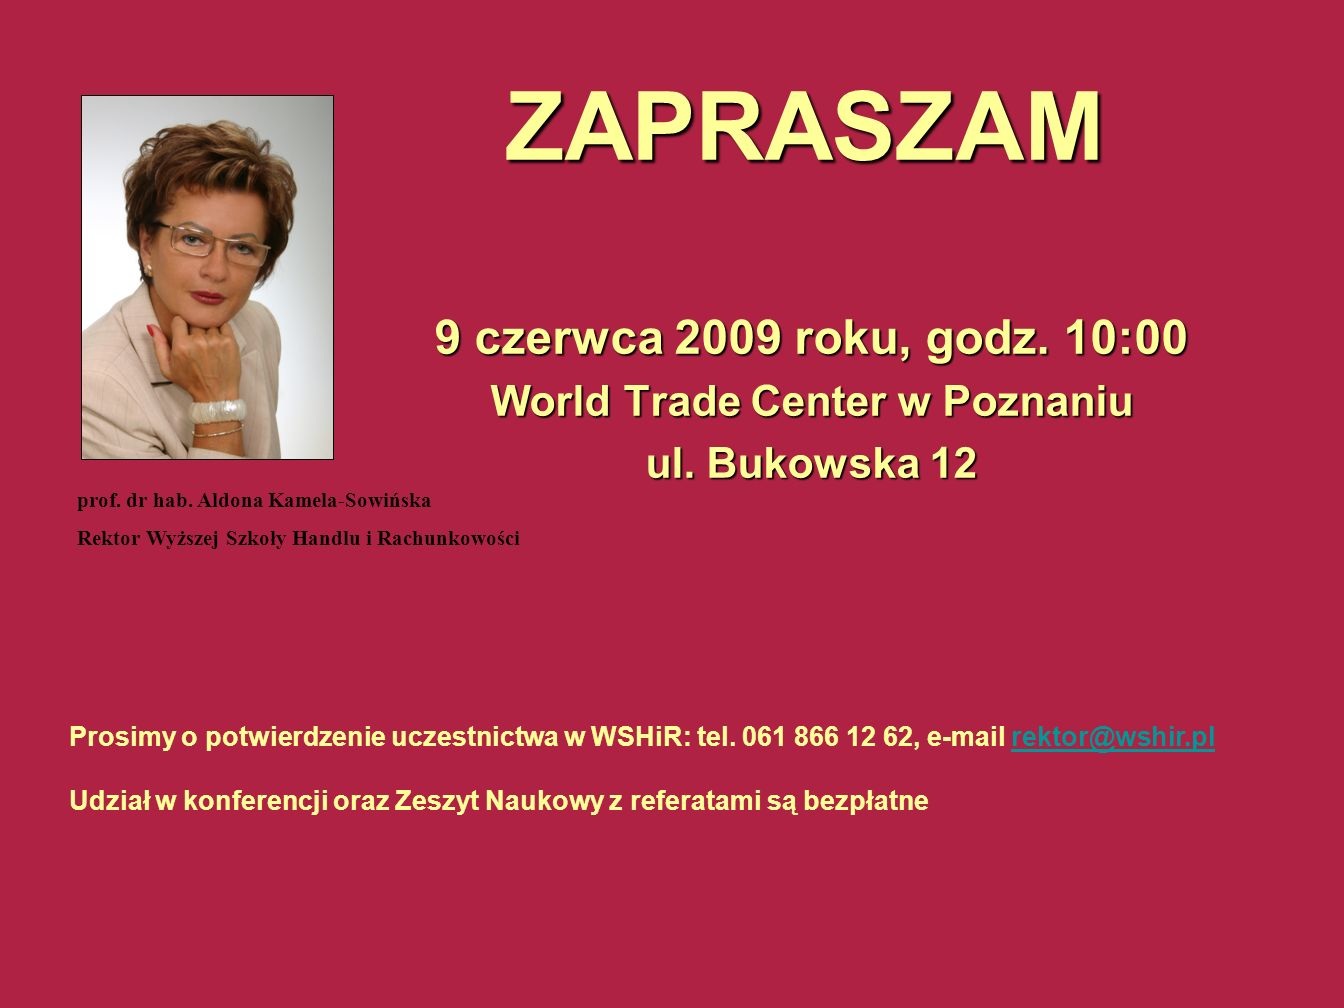 ZAPRASZAM 9 czerwca 2009 roku, godz. 10:00 World Trade Center w Poznaniu ul. Bukowska 12 Prosimy o potwierdzenie uczestnictwa w WSHiR: tel. 061 866 12